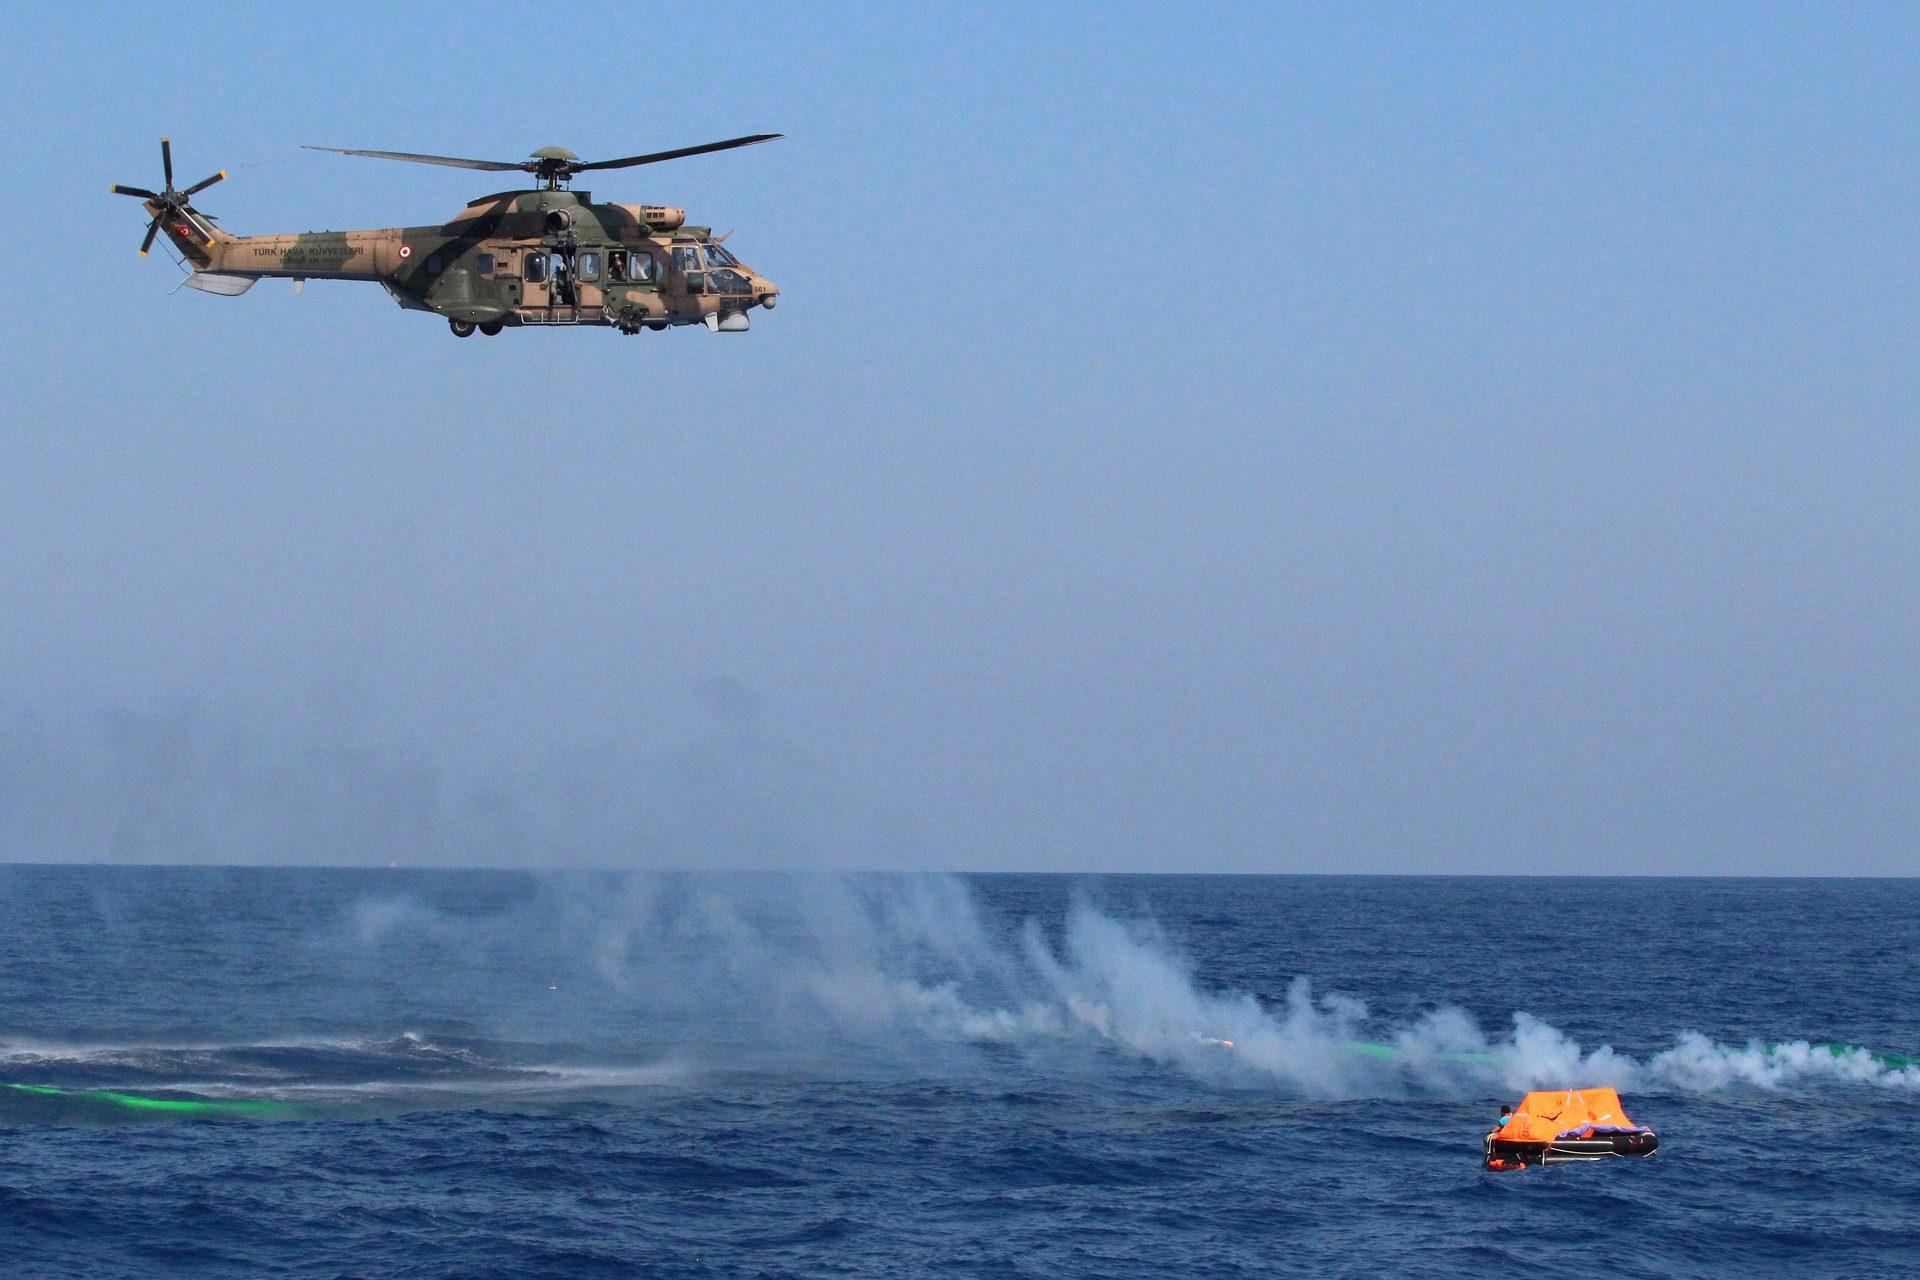 直升机, salvamento, 救援, 漂移, 海 - 高清壁纸 - 教授-falken.com